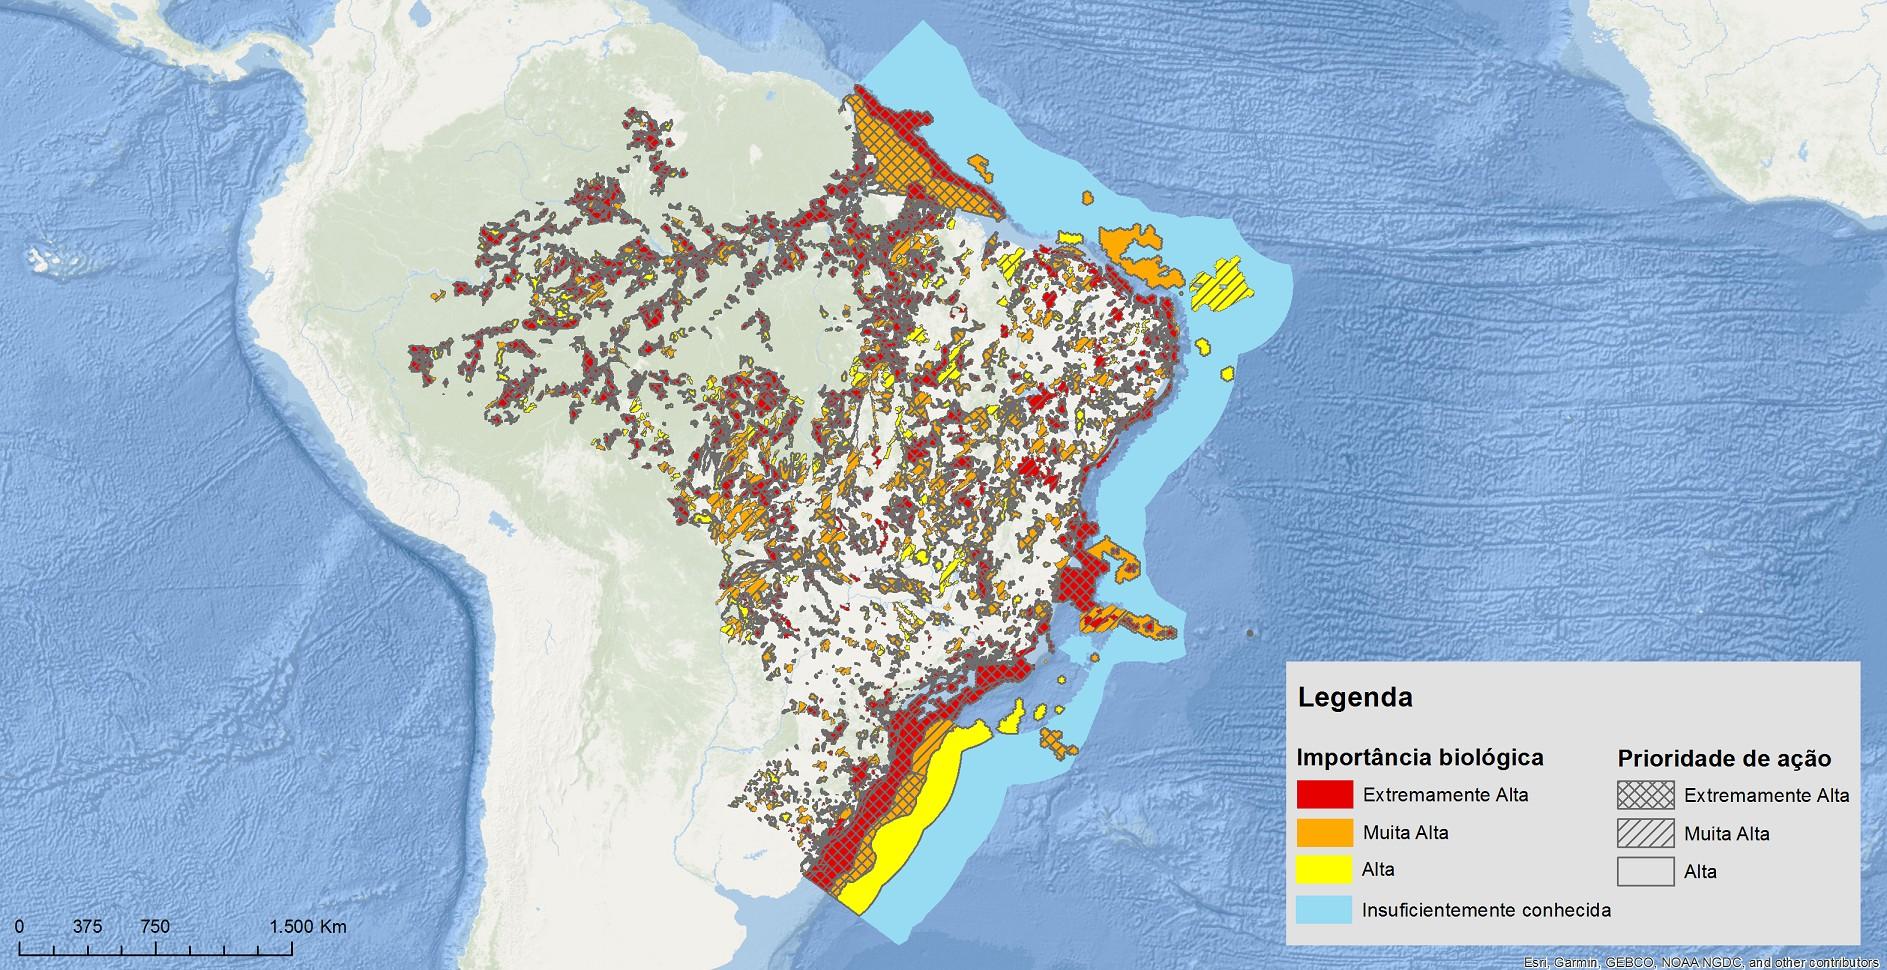 Site do Ministério do Meio Ambiente com mapas de áreas prioritárias de conservação volta ao ar - Notícias - Plantão Diário